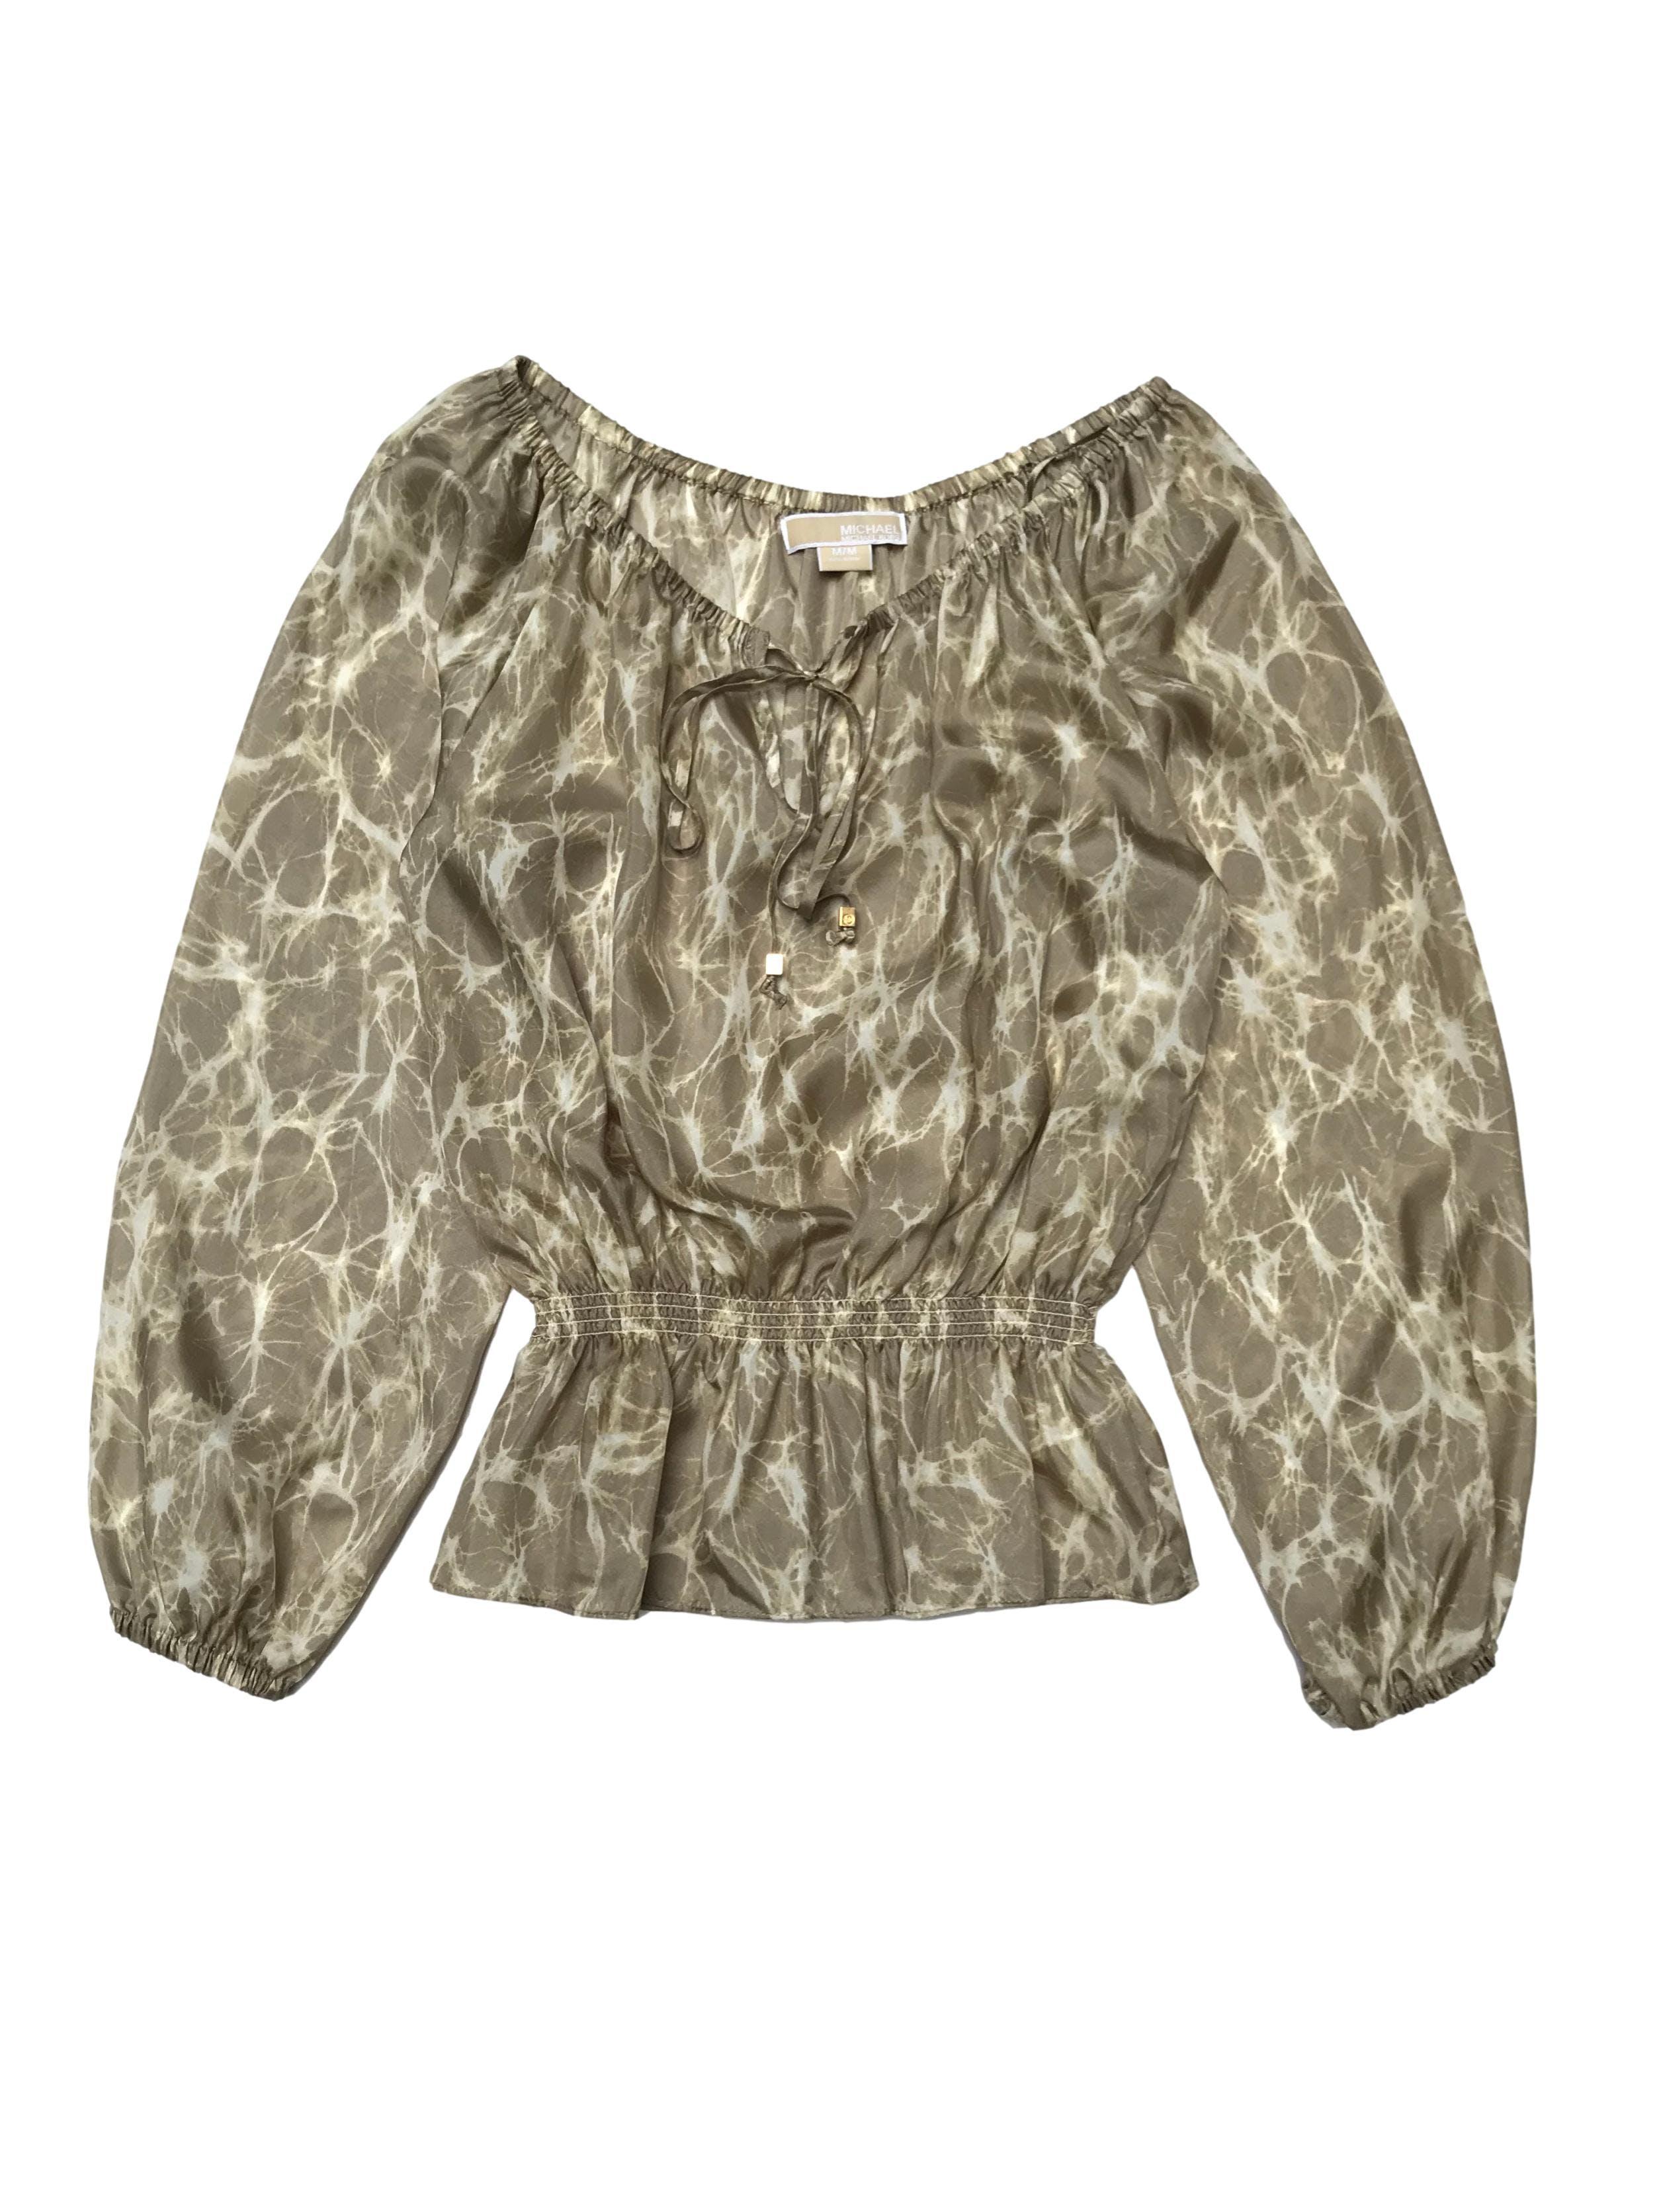 Blusa Michael Kors 100% seda con elástico y pasador en el cuello